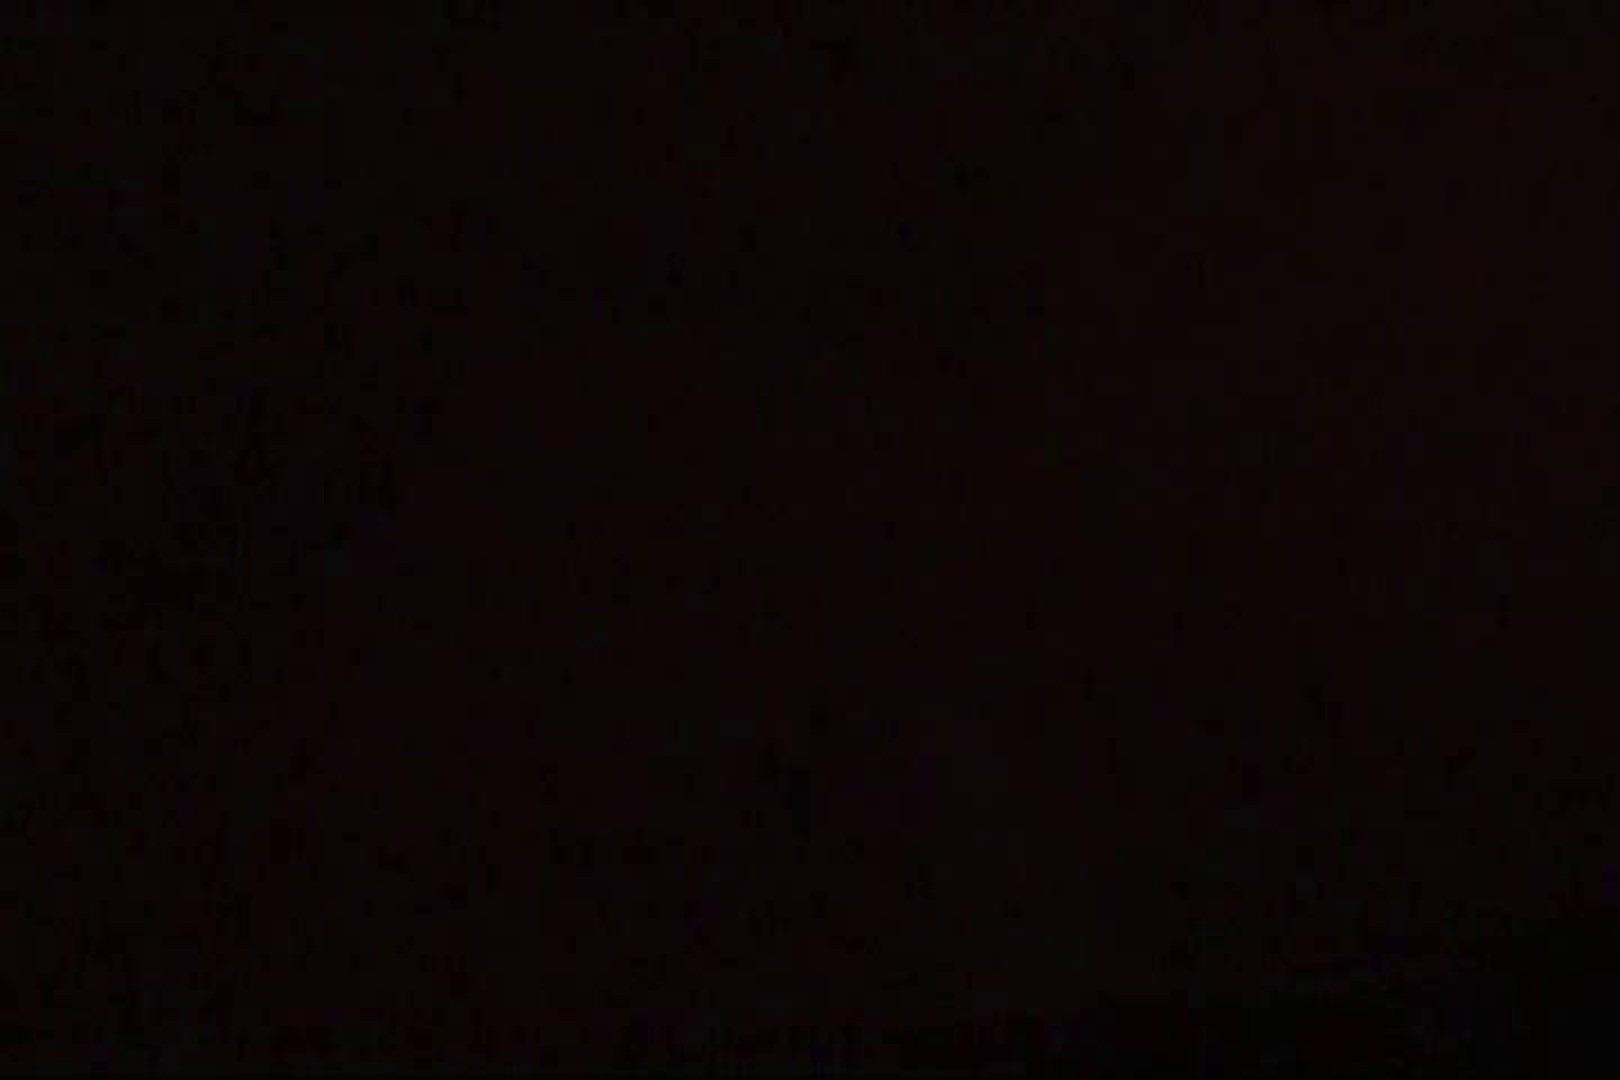 起きません! vol.06 OLハメ撮り  100Pix 58